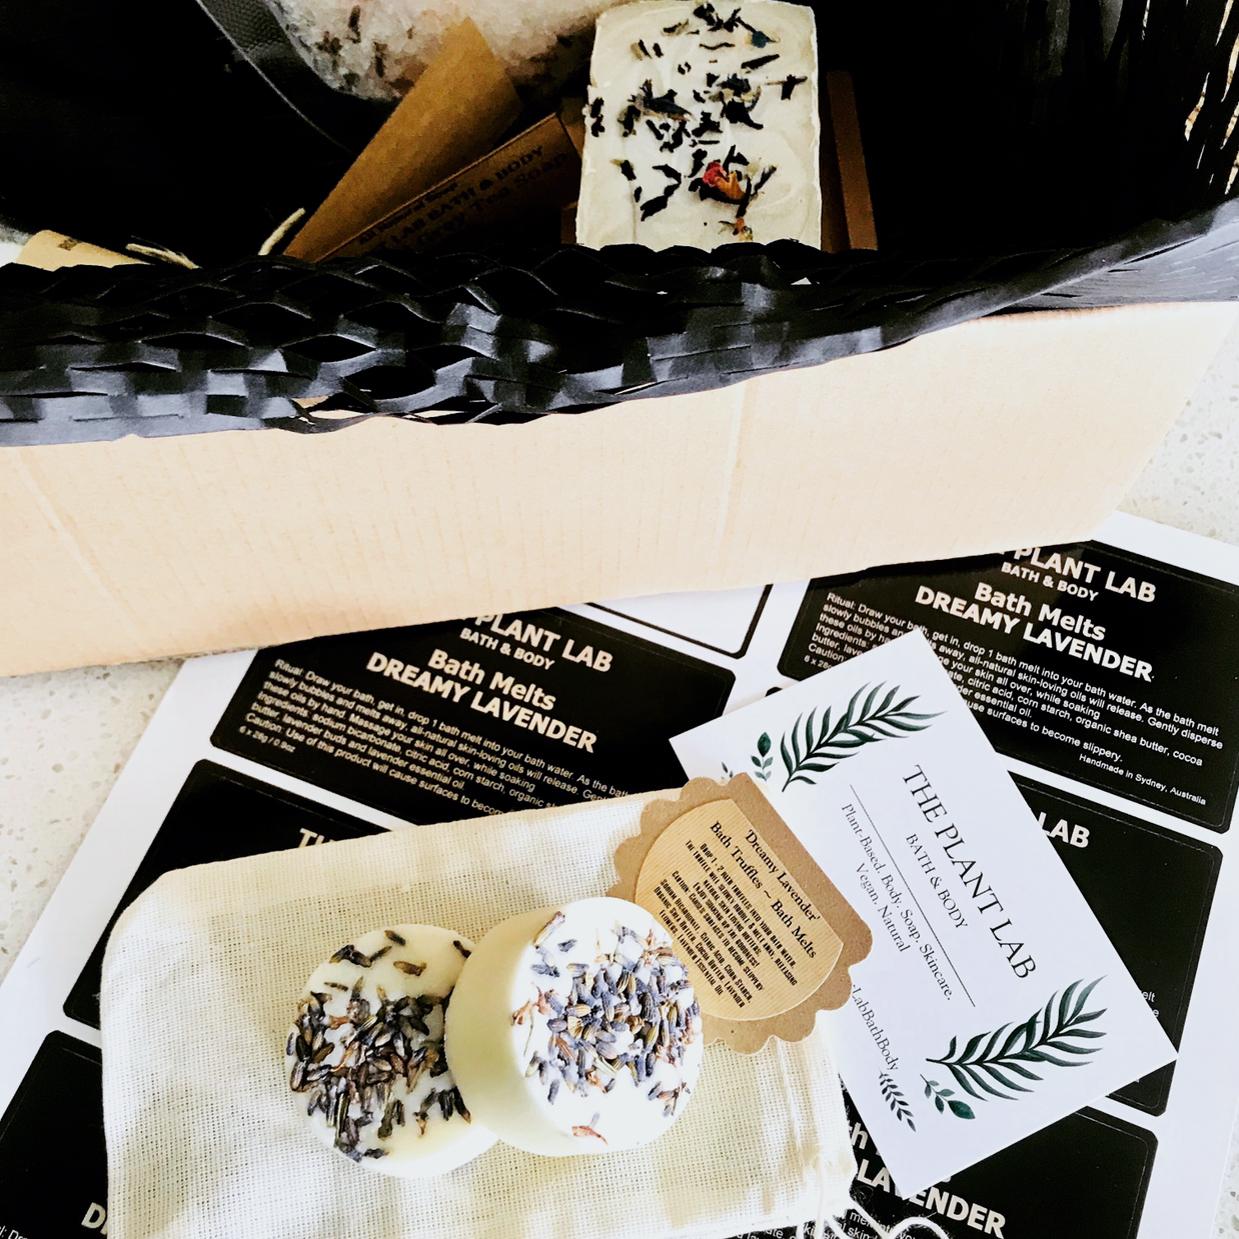 A pair of 'Dreamy Lavender' Bath Truffles – handmade bath melts by The Plan Lab Bath & Body